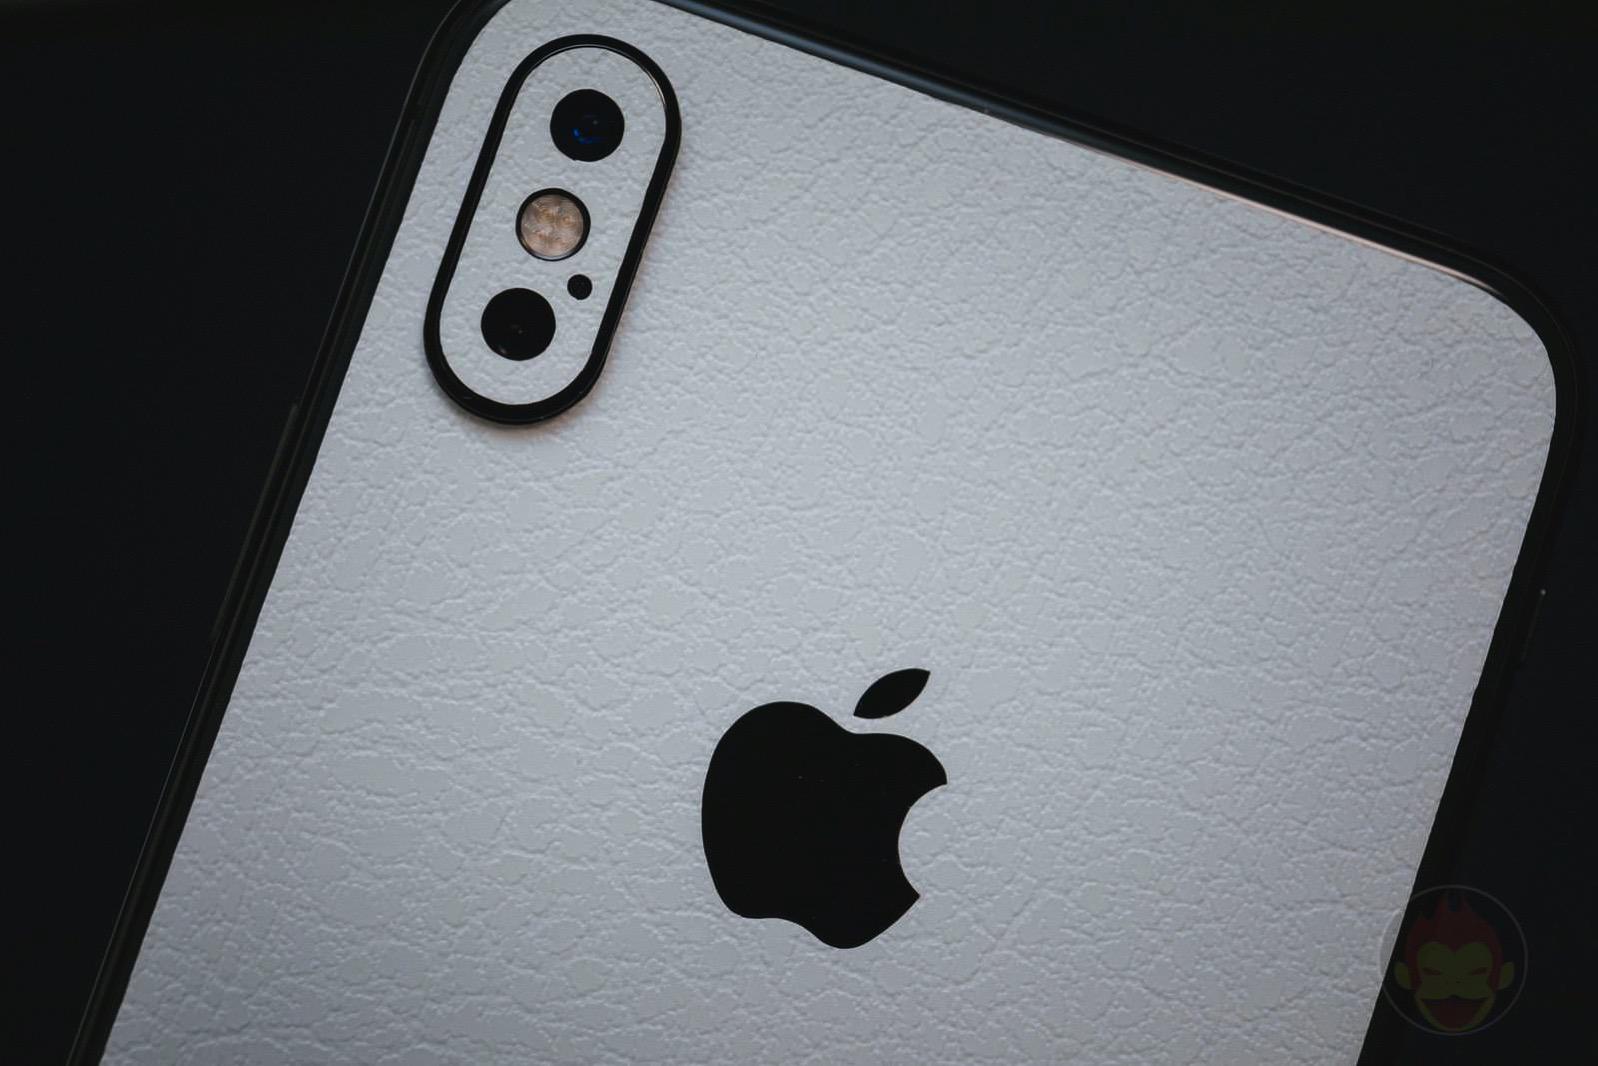 wraplus-white-leather-skin-for-iphonexsmax07.jpg